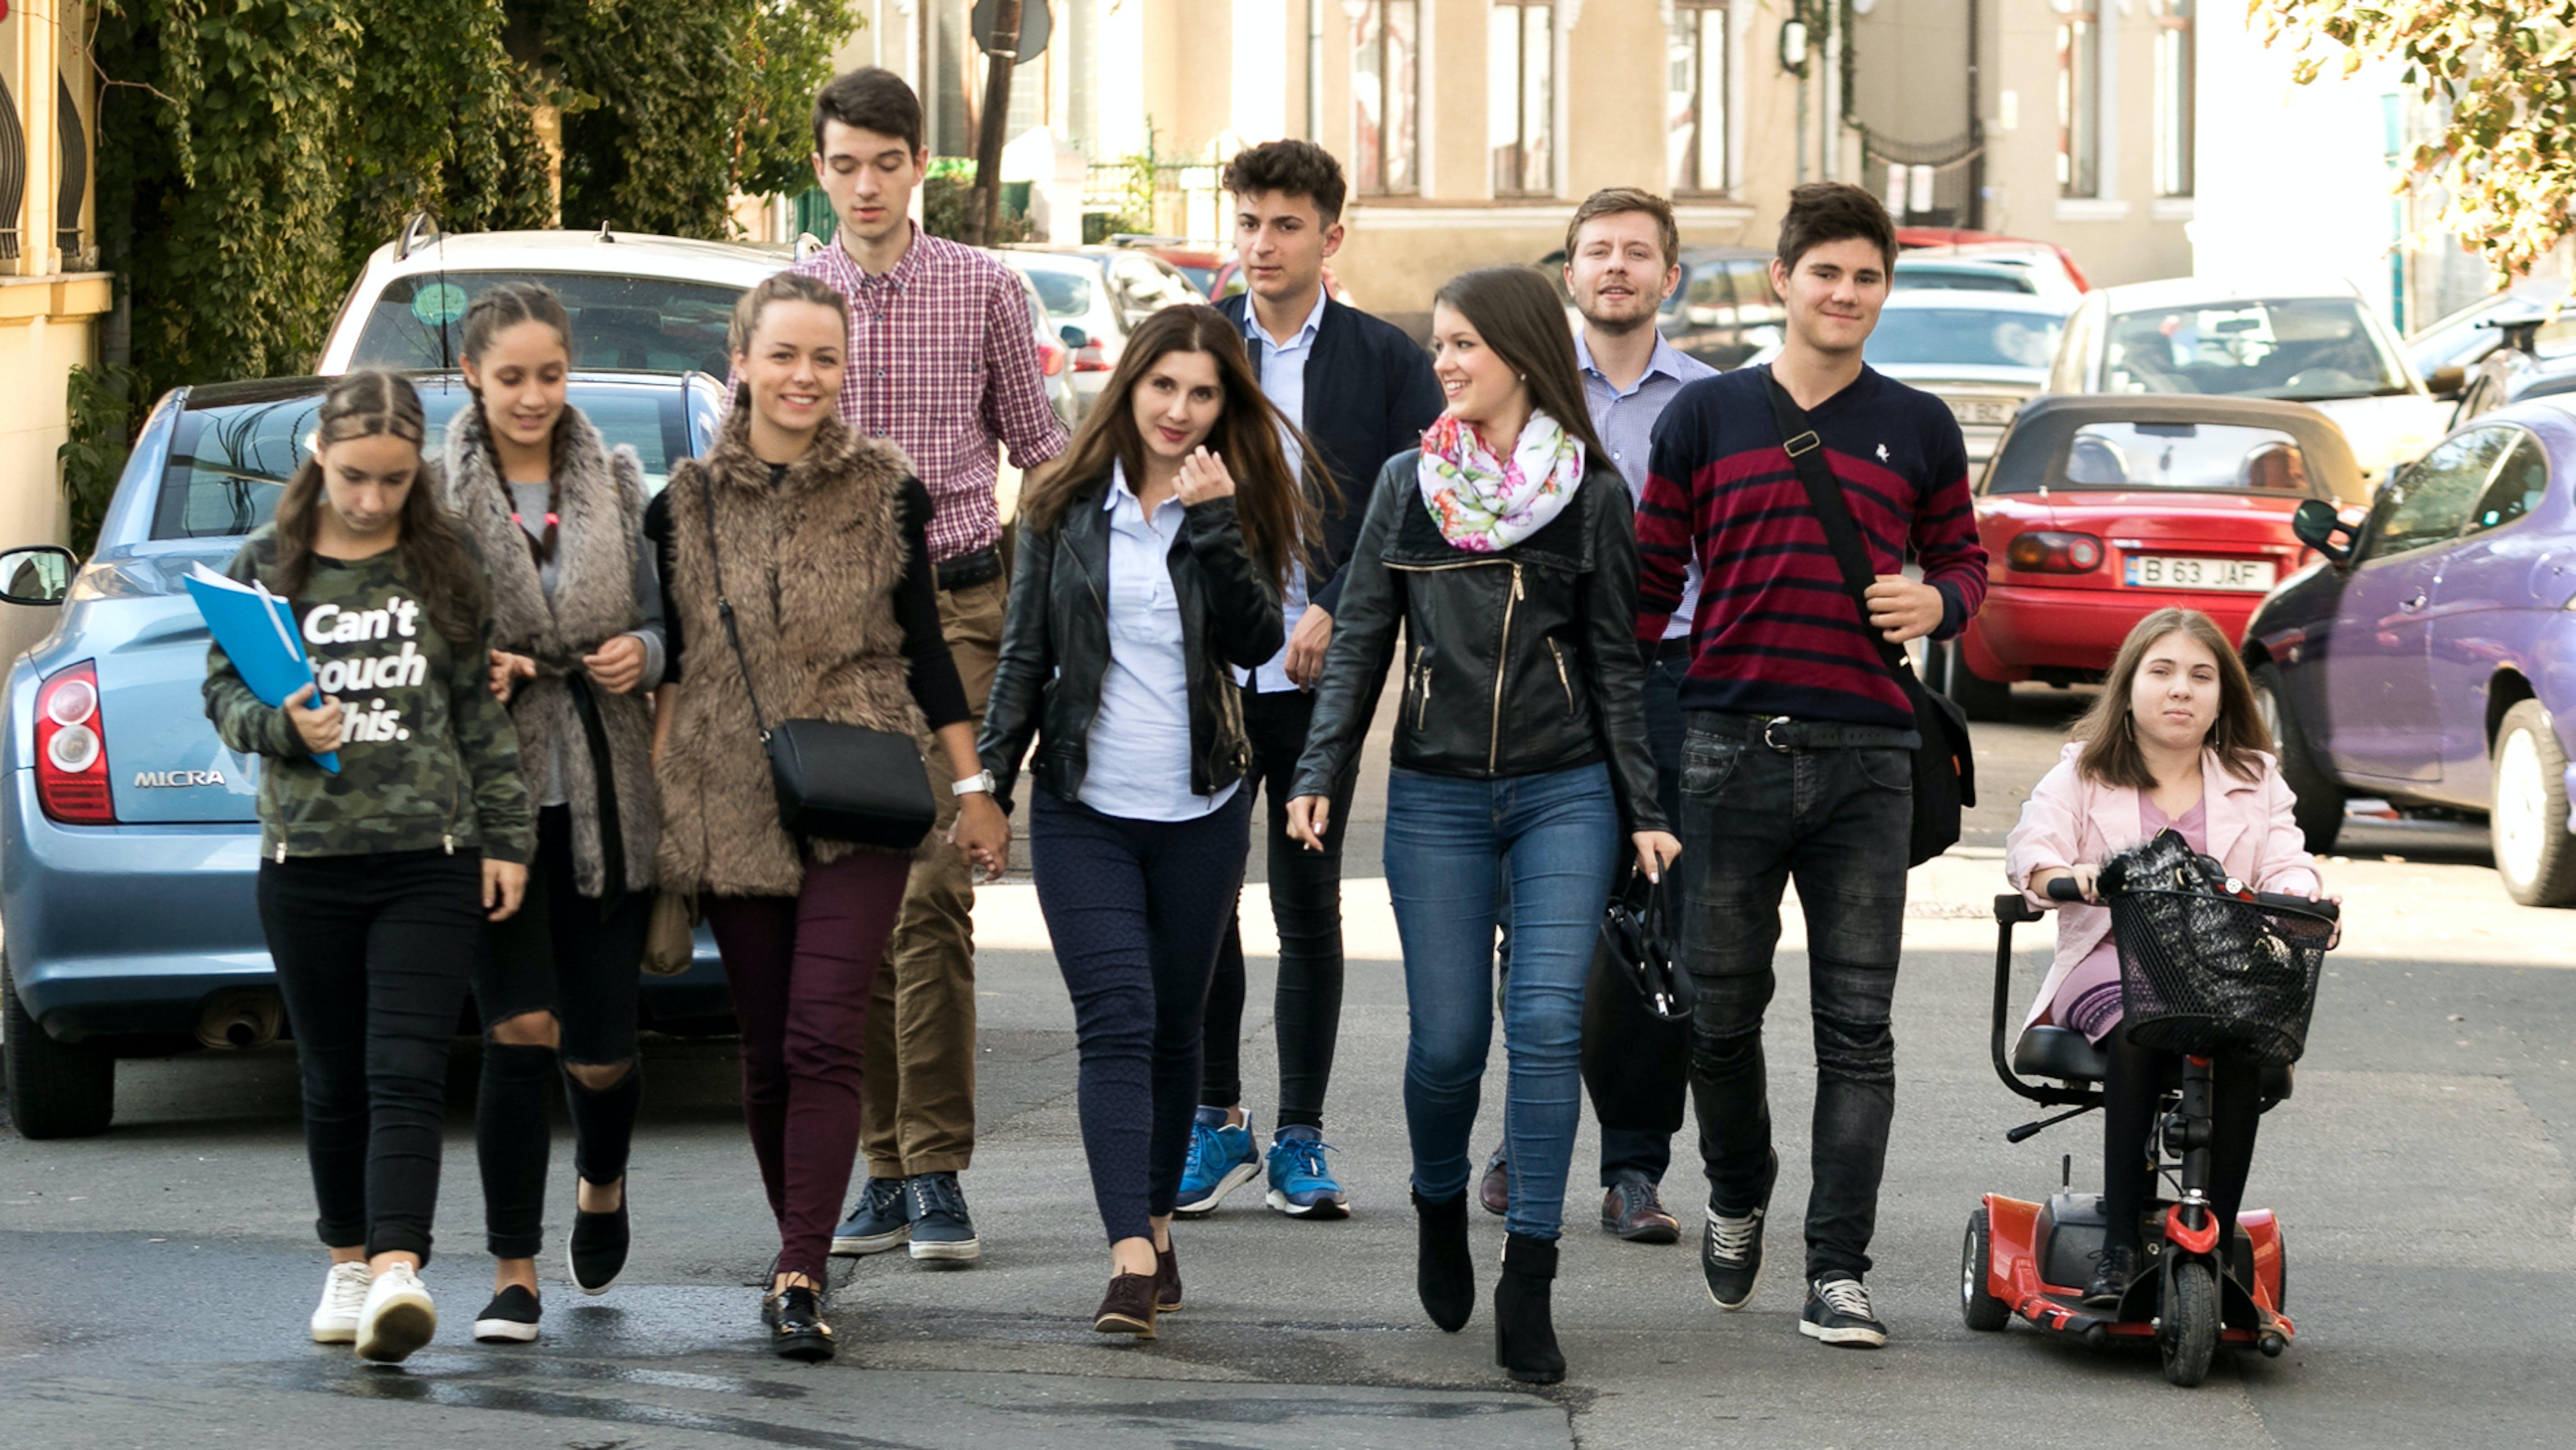 Un gruppo di ragazzi camminano insieme